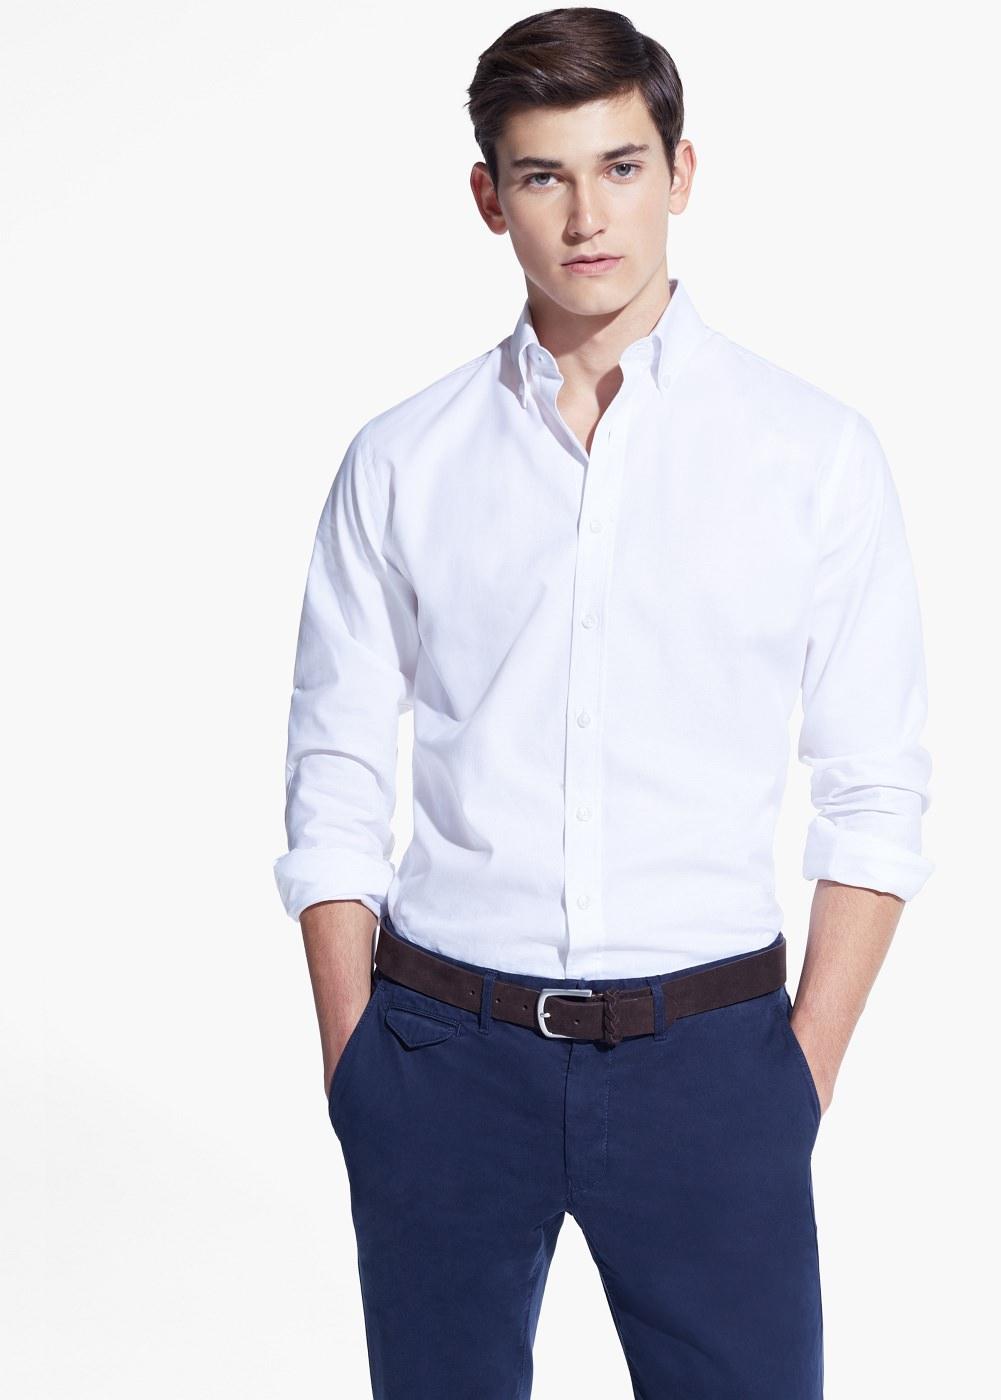 2a72e81146f5d77 Приталенная мужская рубашка – фото новинки сезона Приталенная мужская  рубашка – фото новинки сезона